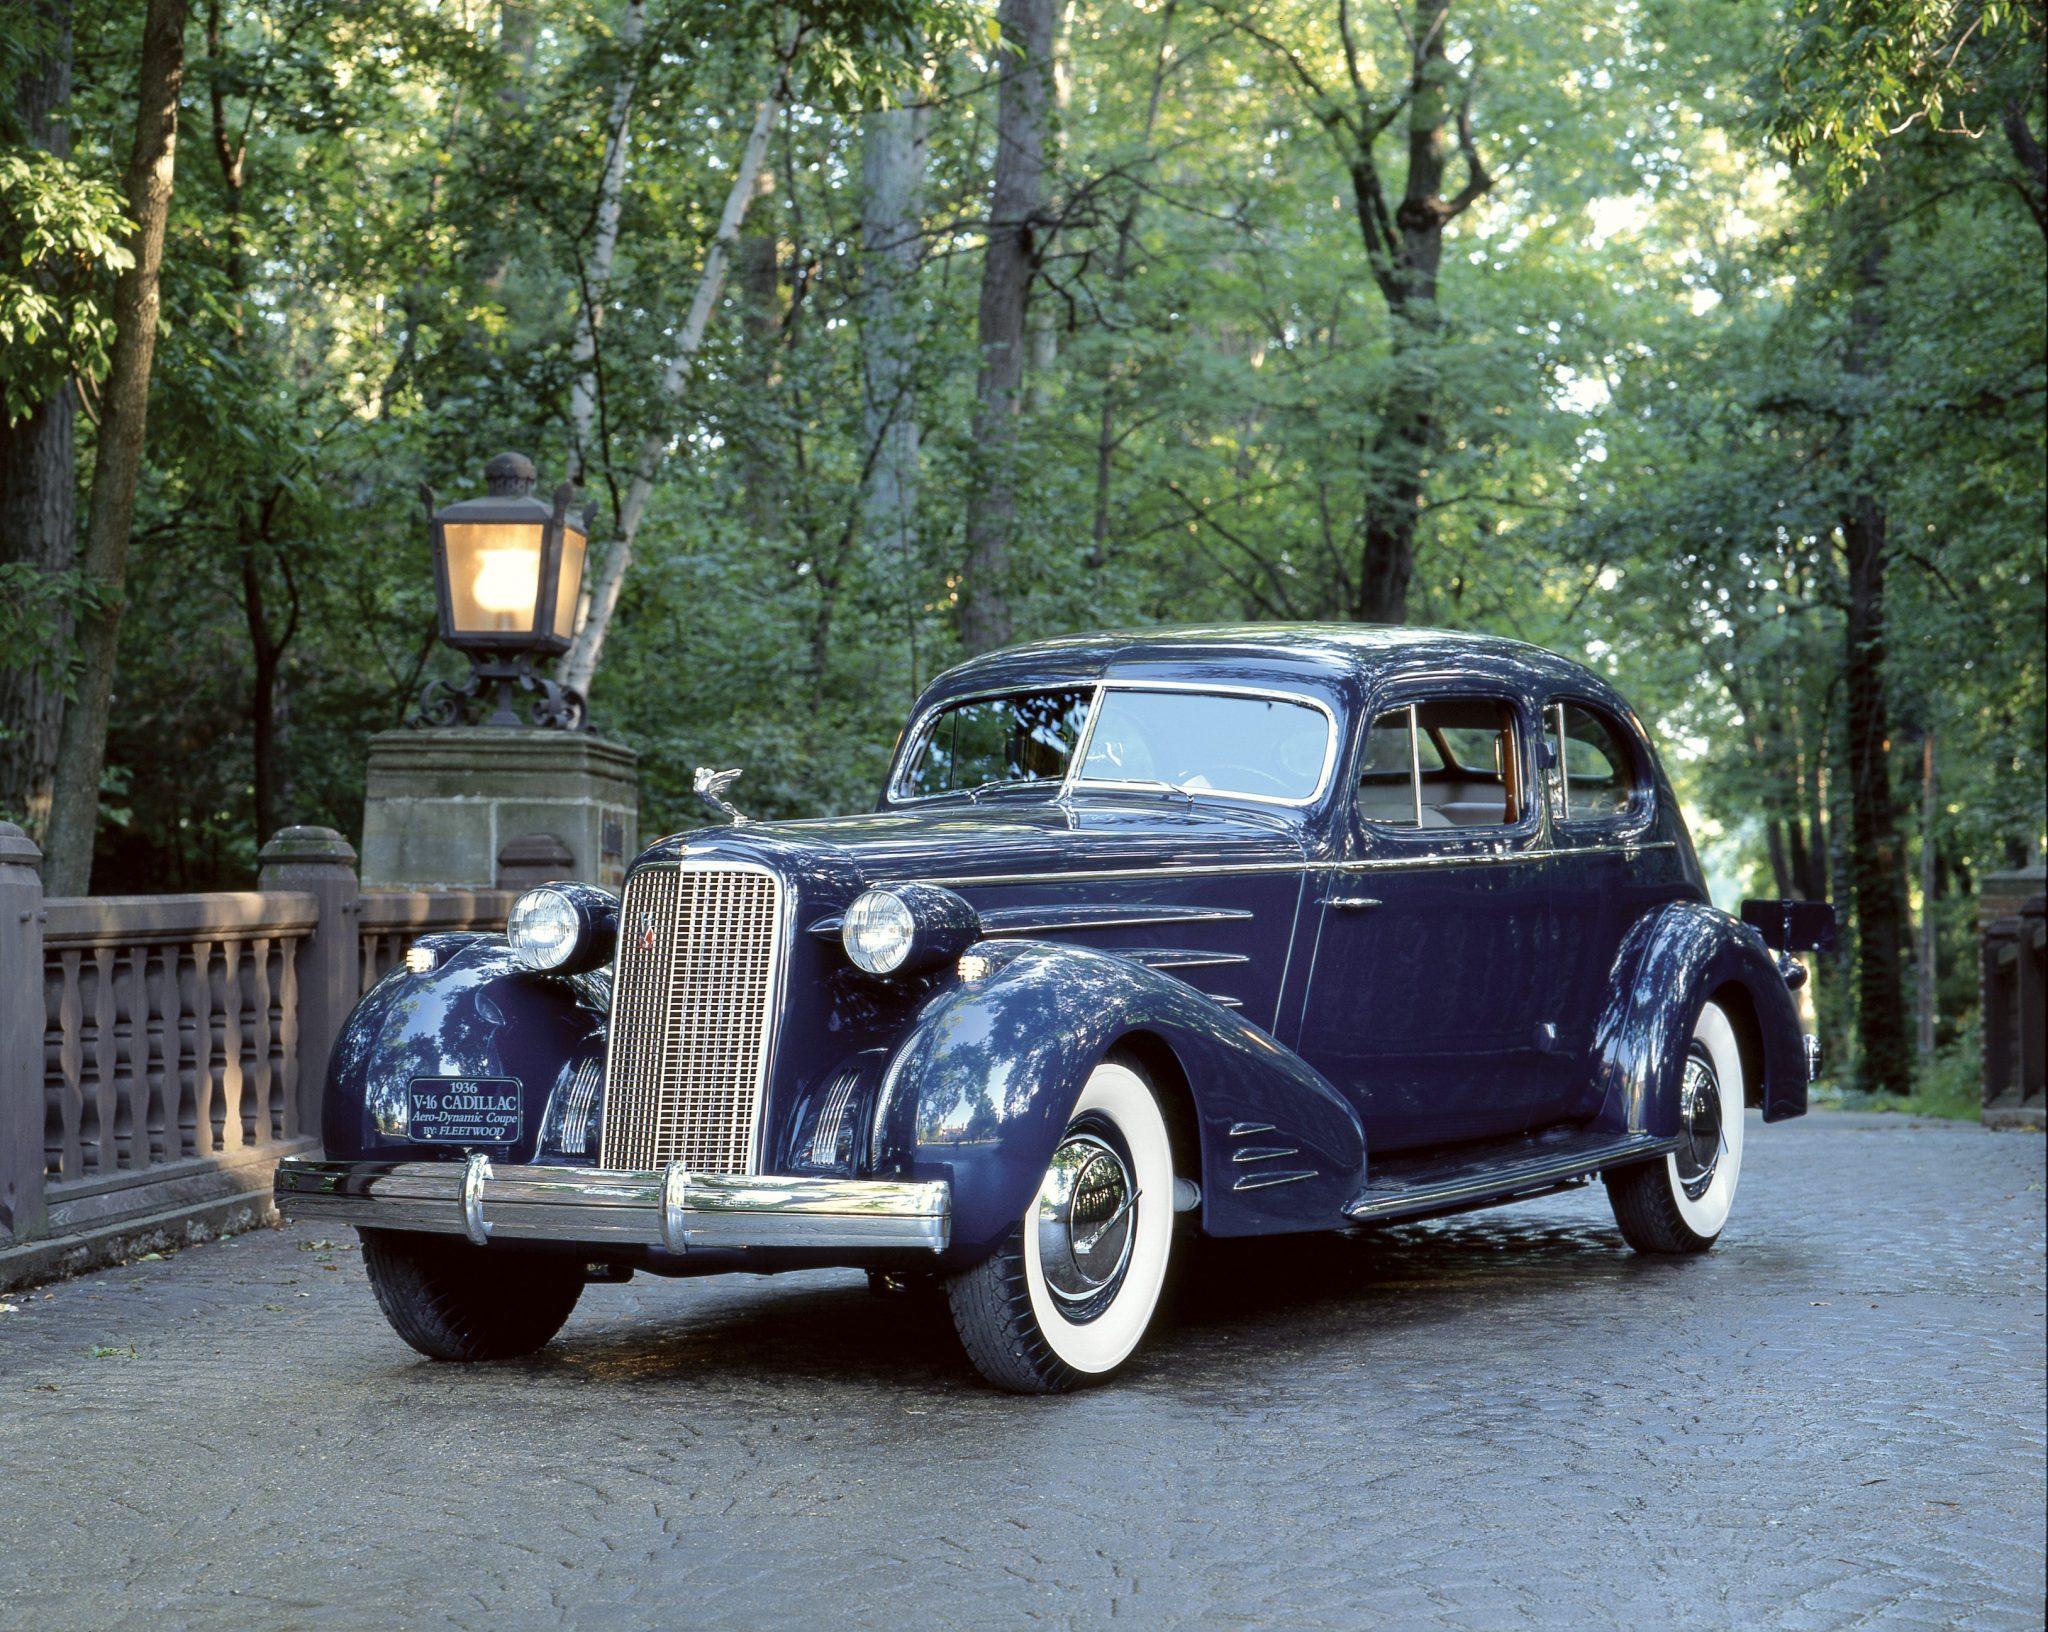 1933 Cadillac V16 Aero-Dynamic Coupe